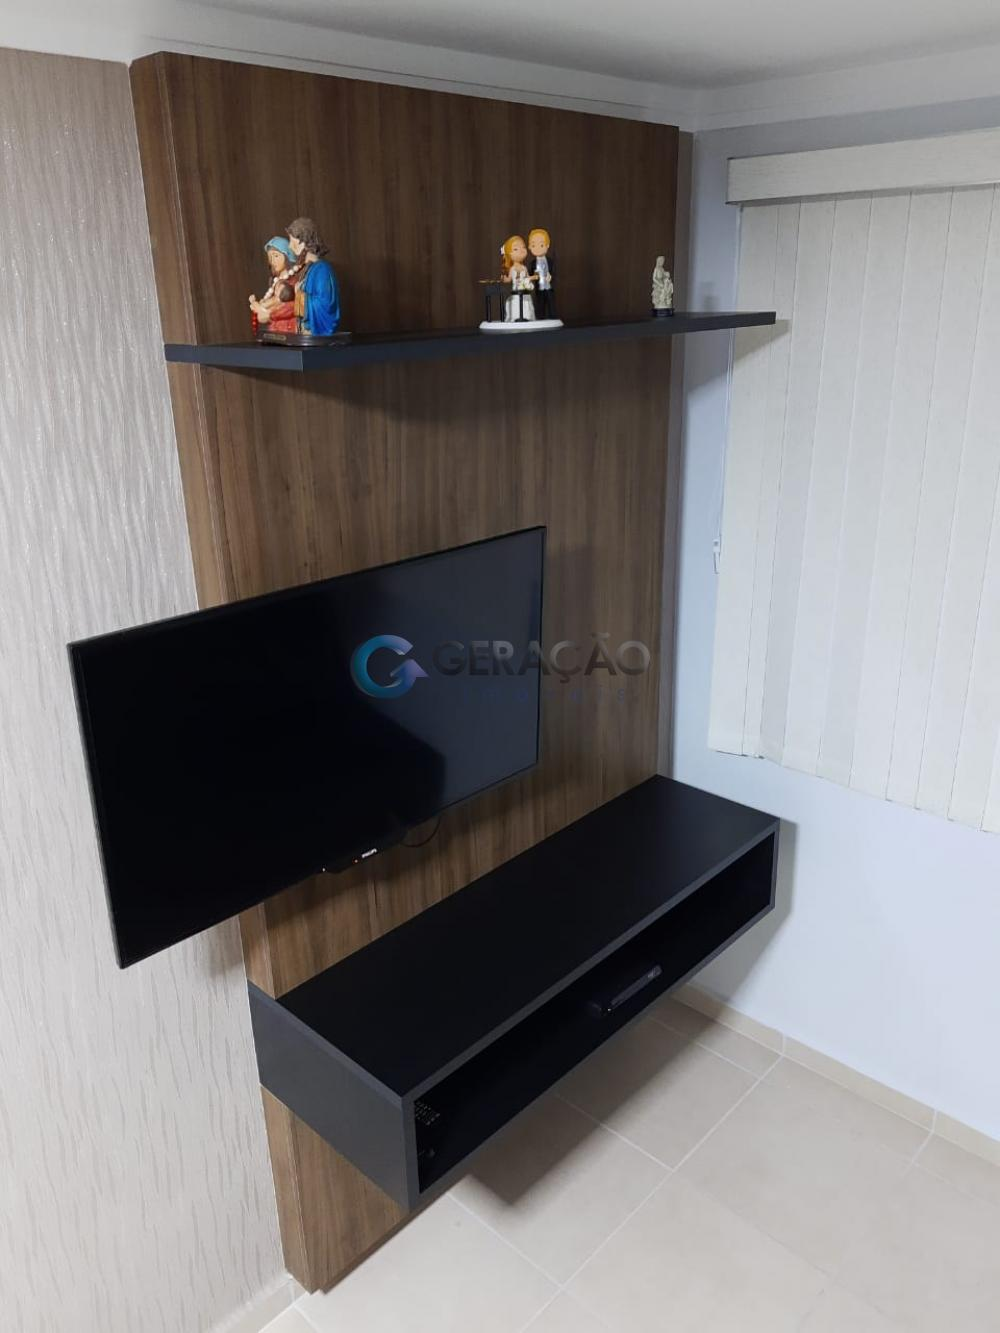 Alugar Apartamento / Padrão em São José dos Campos R$ 1.800,00 - Foto 5